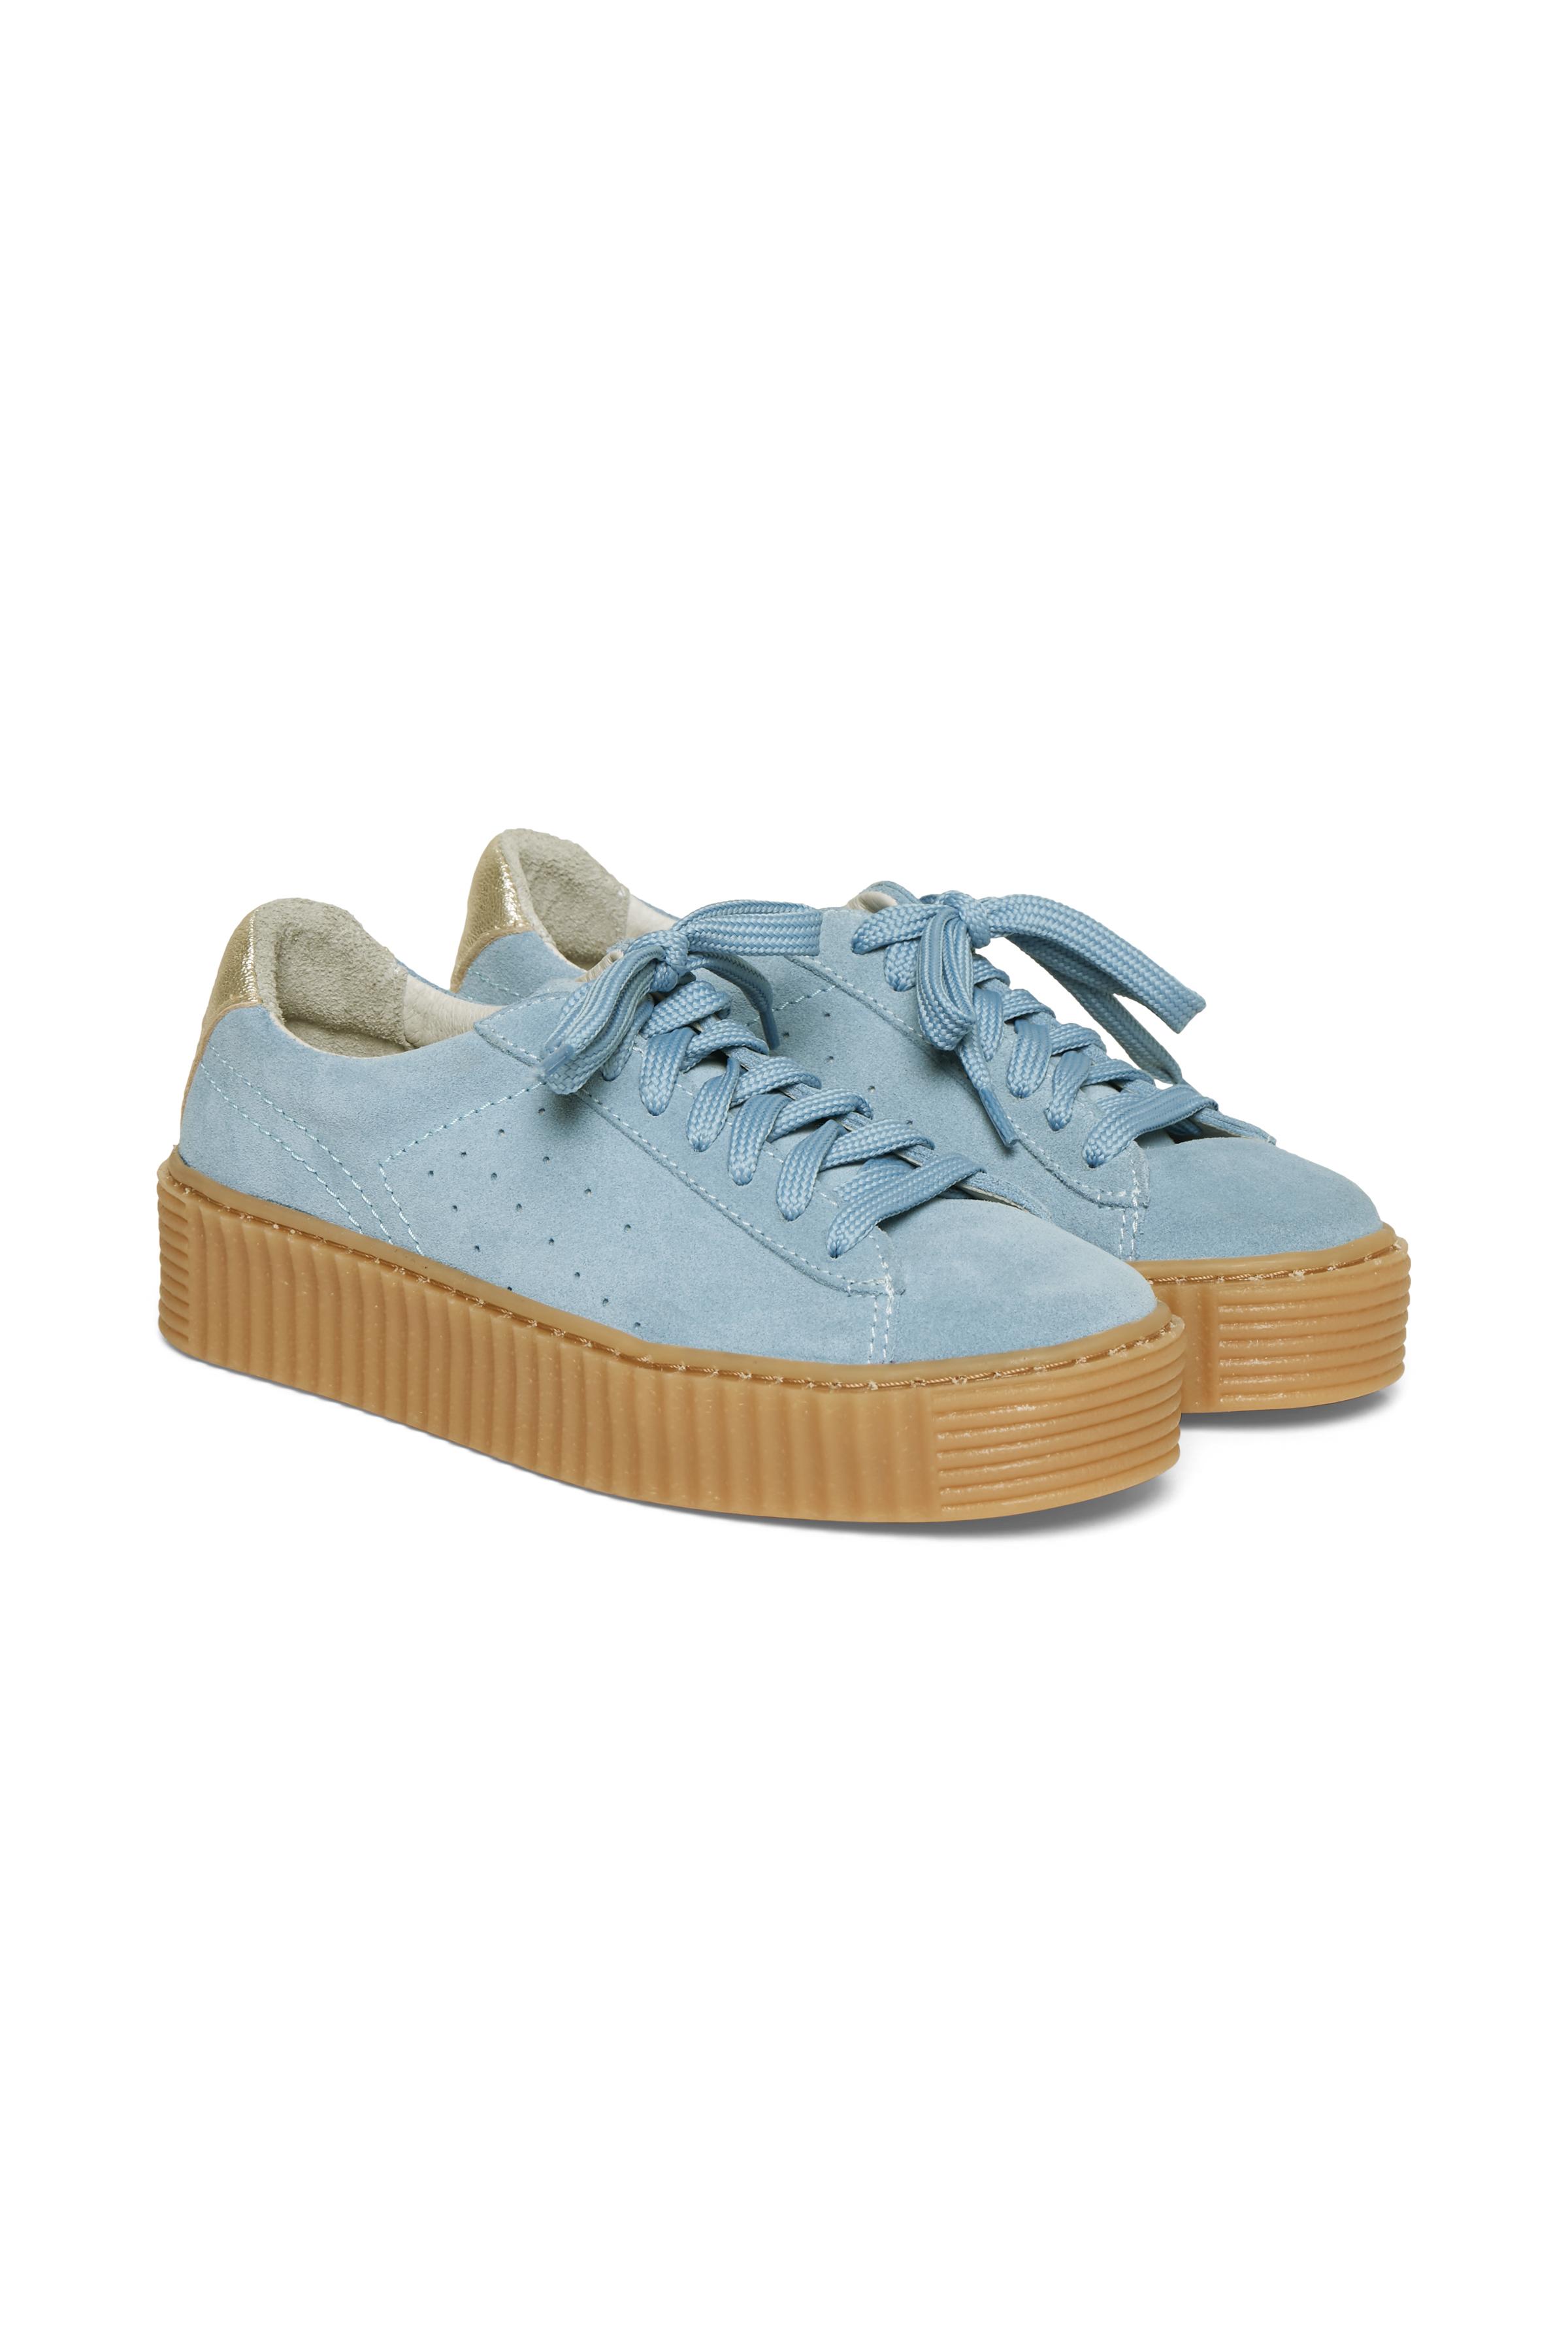 Støvet blå Ruskindssneakers fra Cream Accessories – Køb Støvet blå Ruskindssneakers fra str. 36-41 her